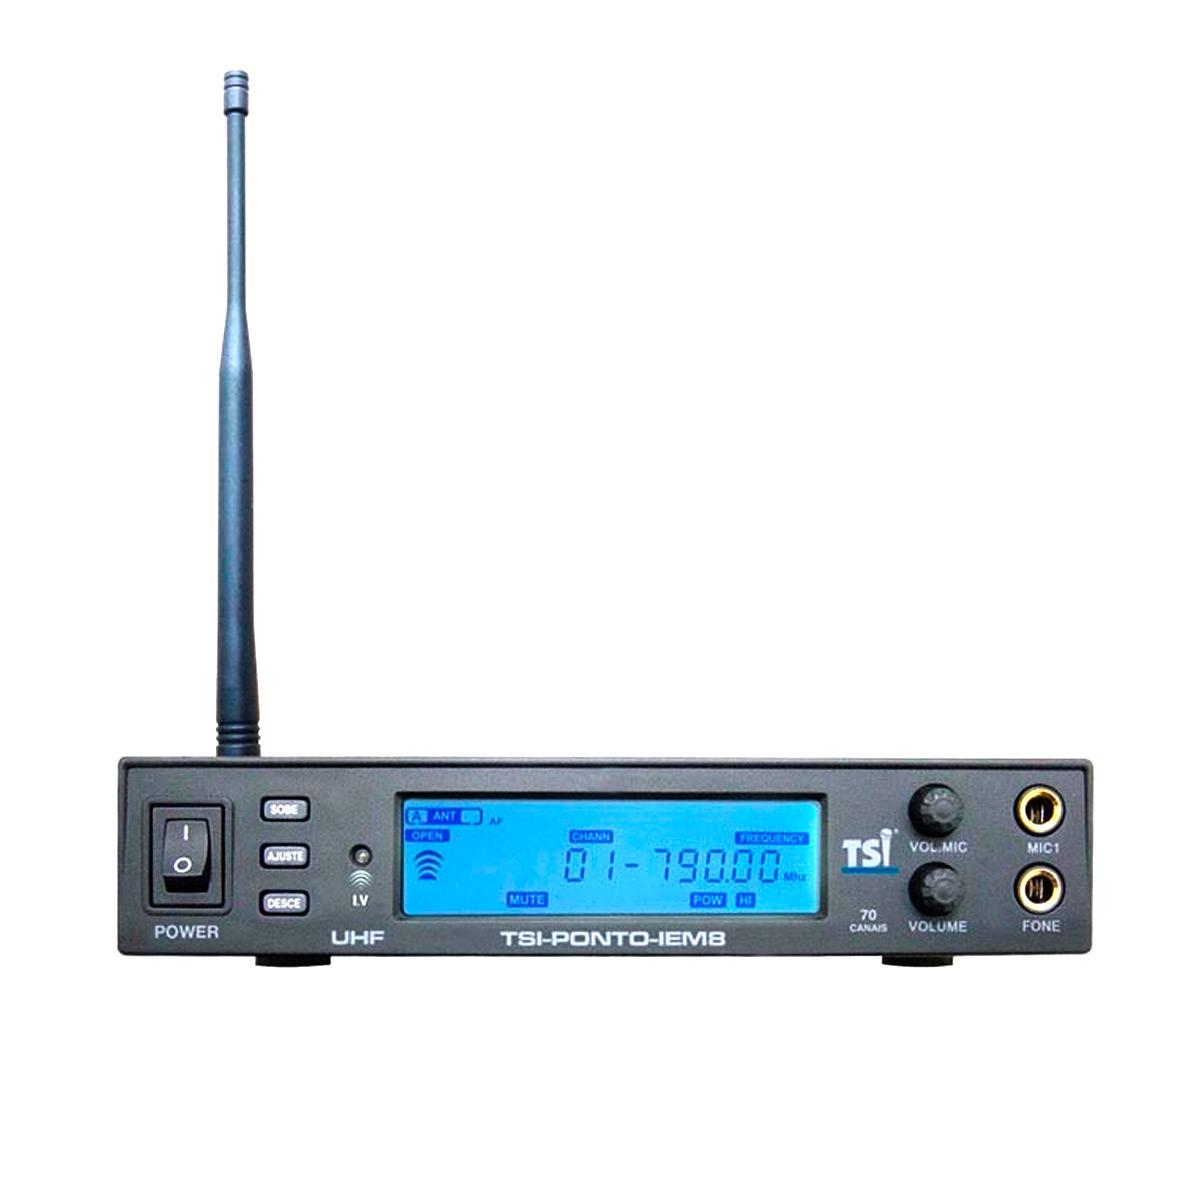 Ponto Eletrônico s/ Fio UHF c/ Fone de Ouvido In-ear - PONTO IEM 8 TSI